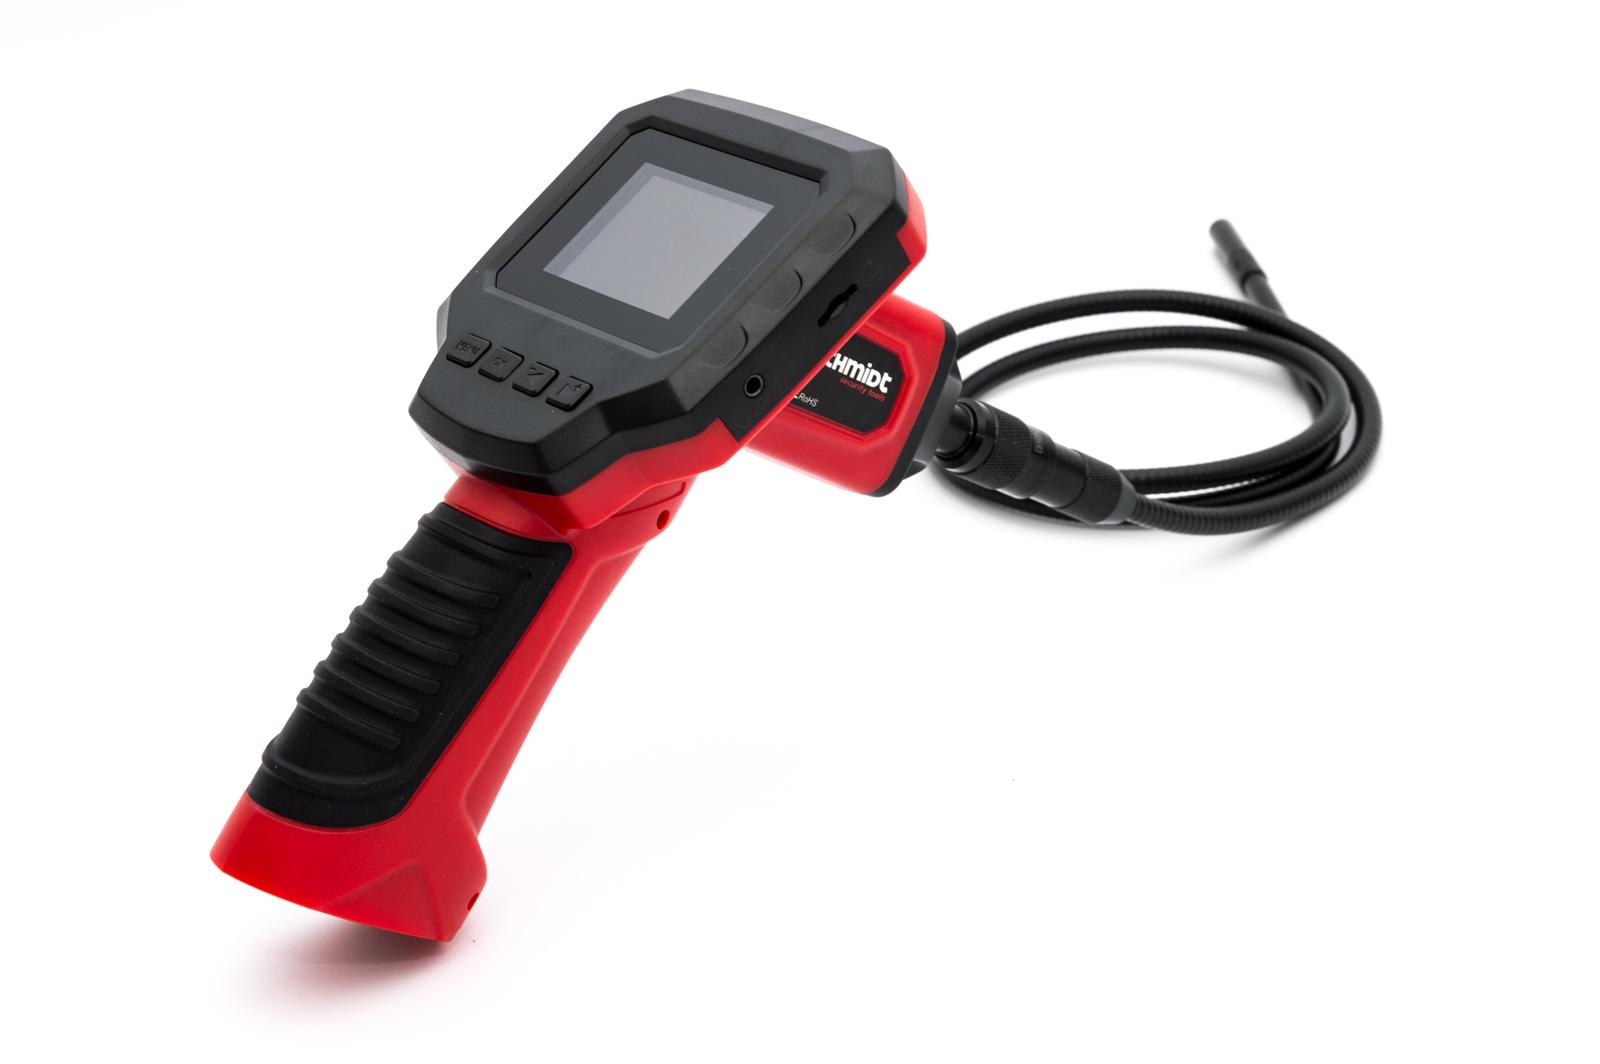 Schmidt Security Tools Inspektionskamera Endoskop EC-5 mit 2.31' LCD Farb Monitor mit SD Kartenslot PVR Aufnahme Kamera mit 1m Schlauch mit LED Beleuchtung IP67 Wasserdicht